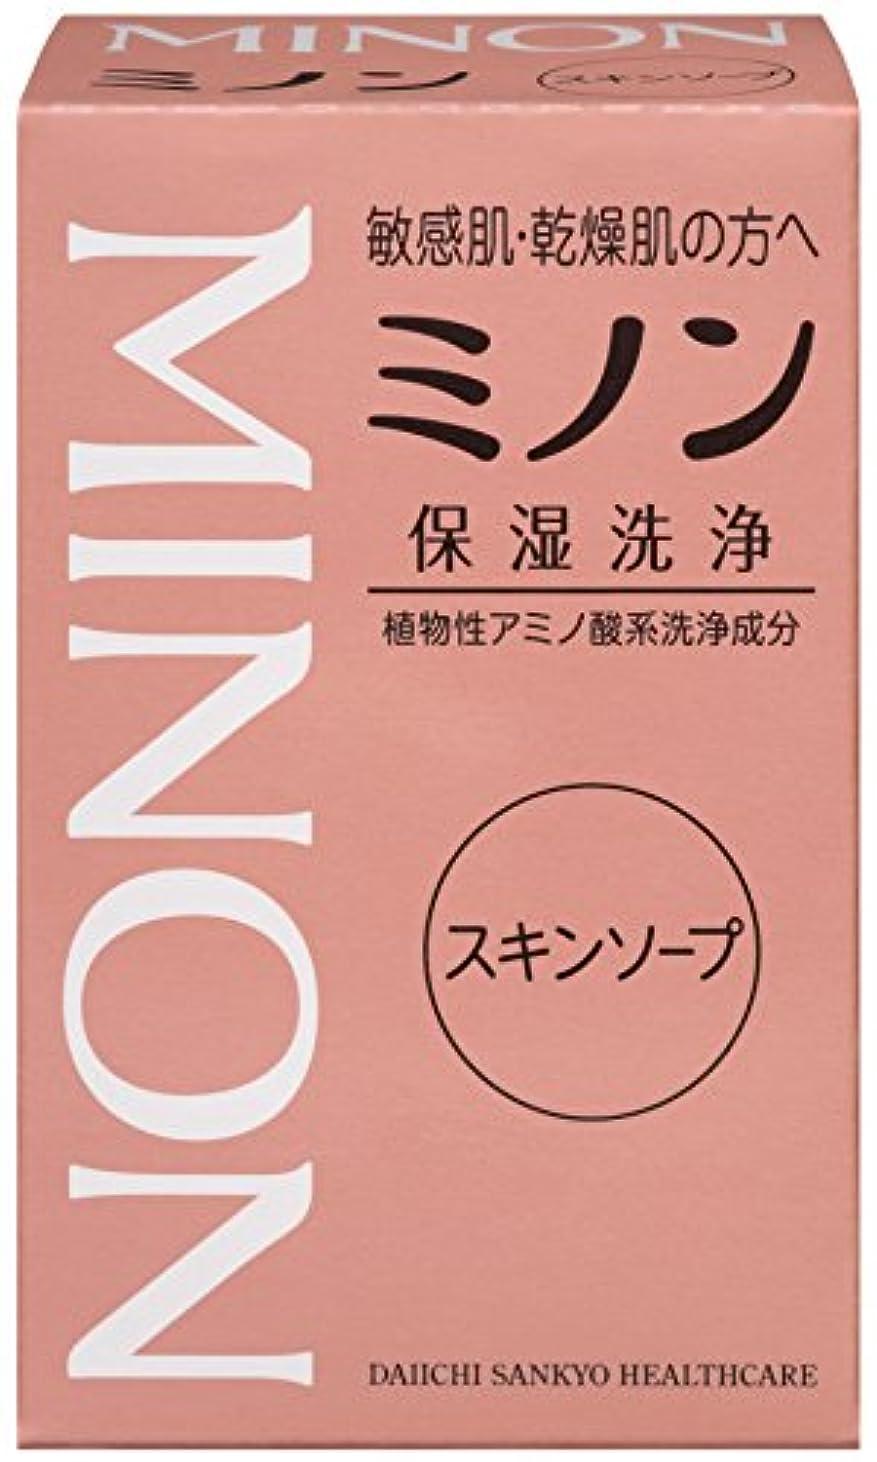 ポインタ魅惑的な詳細にMINON(ミノン) スキンソープ 80g